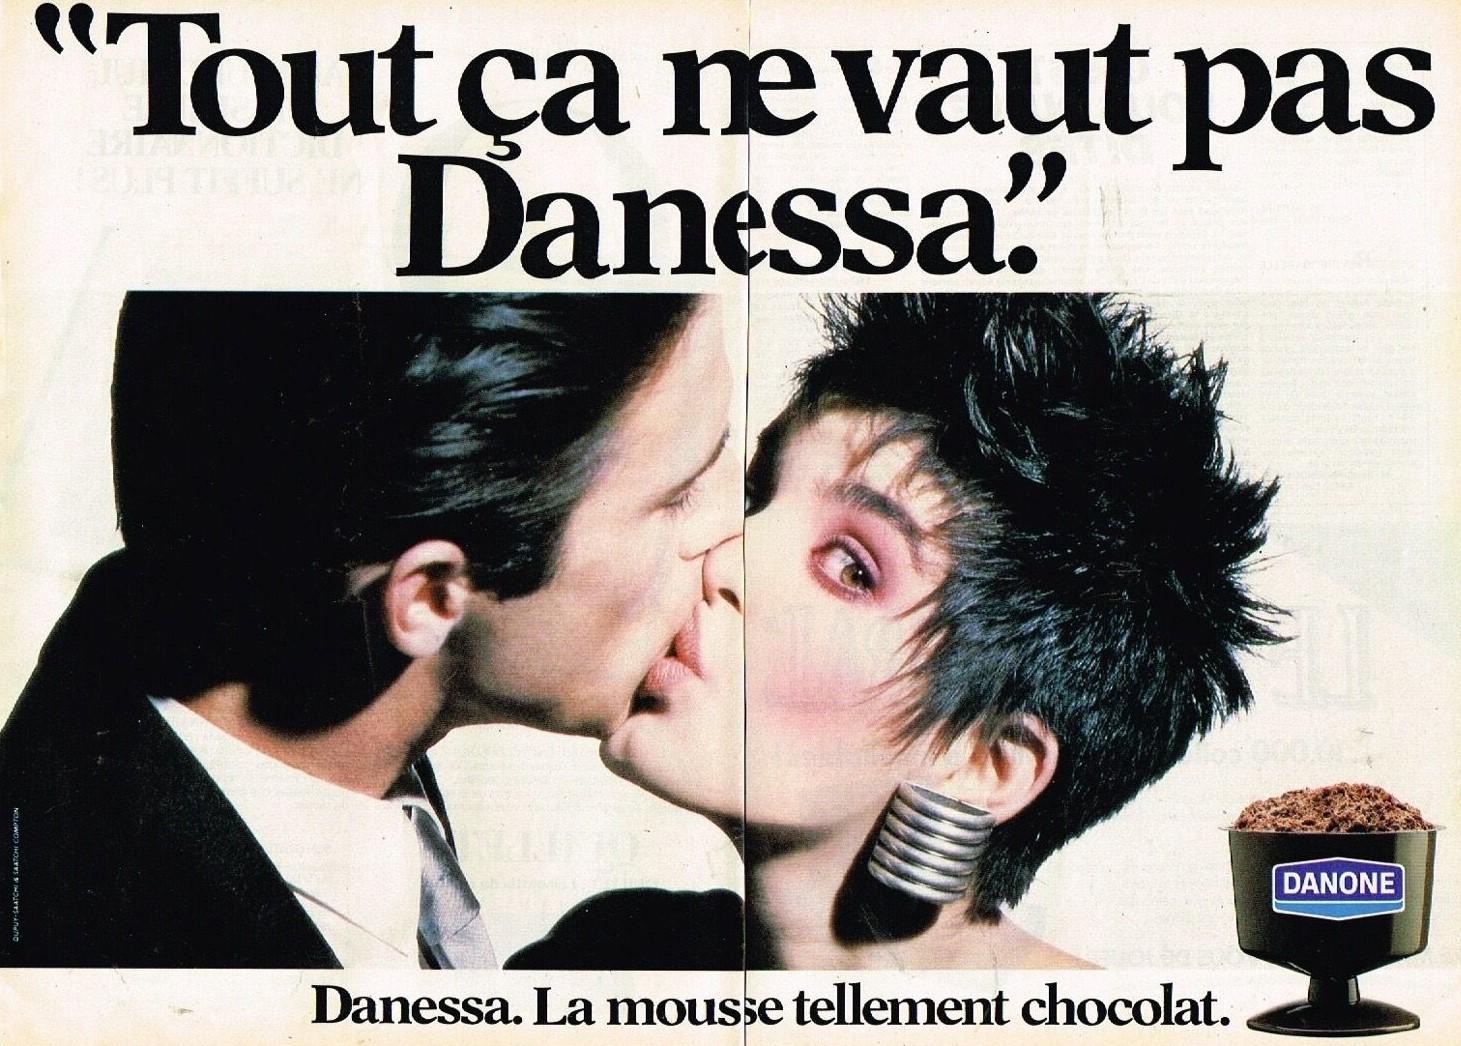 1984 Danessa Danone